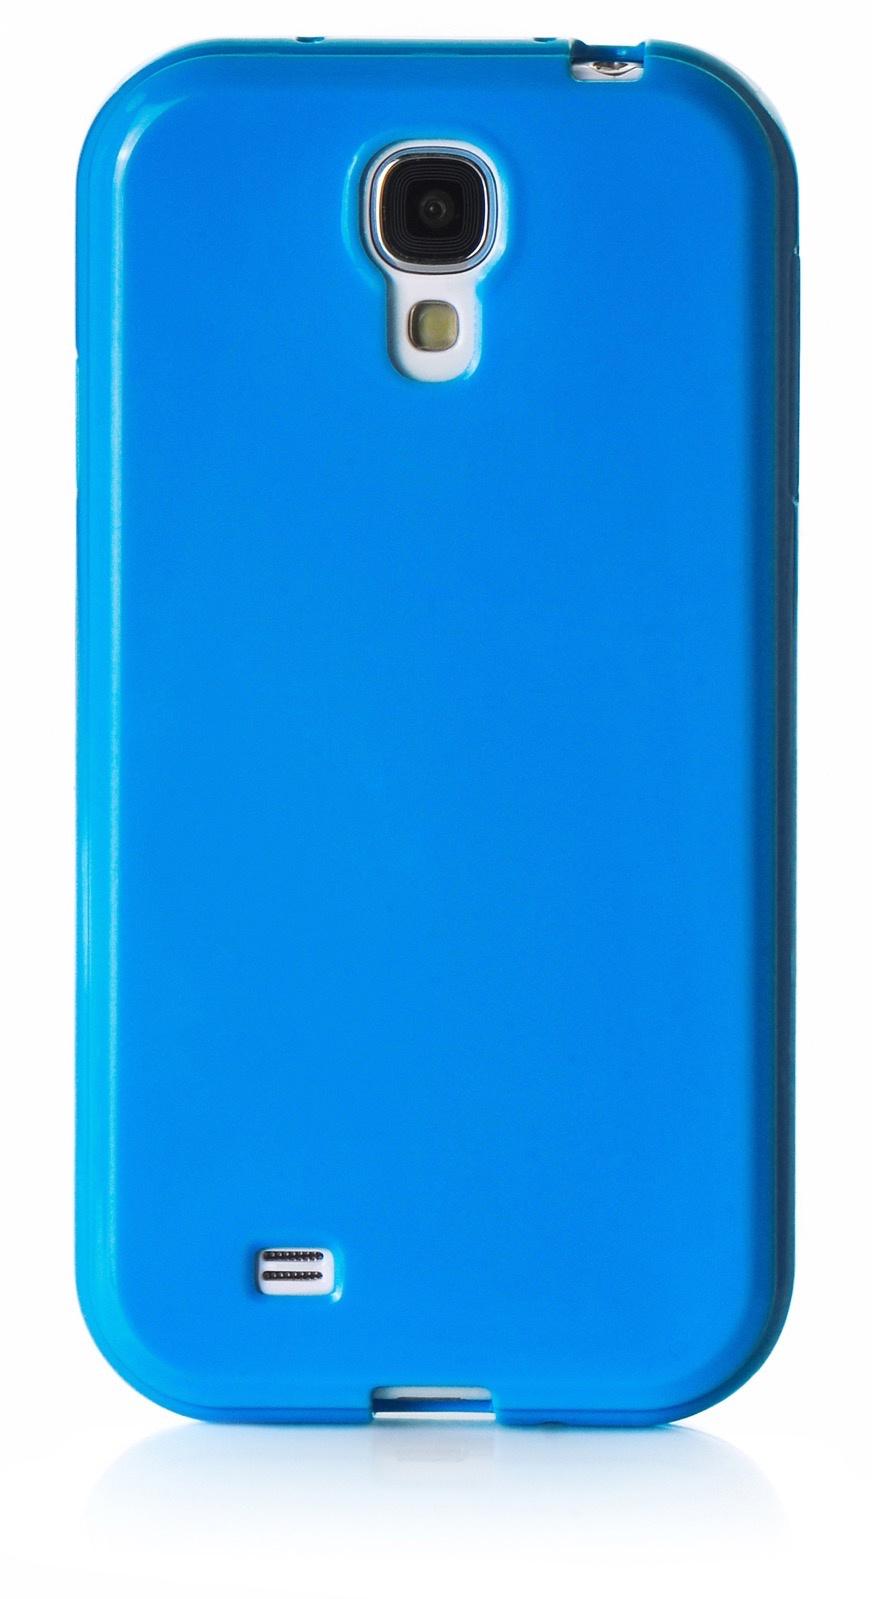 Чехол для сотового телефона iNeez накладка силикон мыльница 450179 для Samsung Galaxy S4, синий